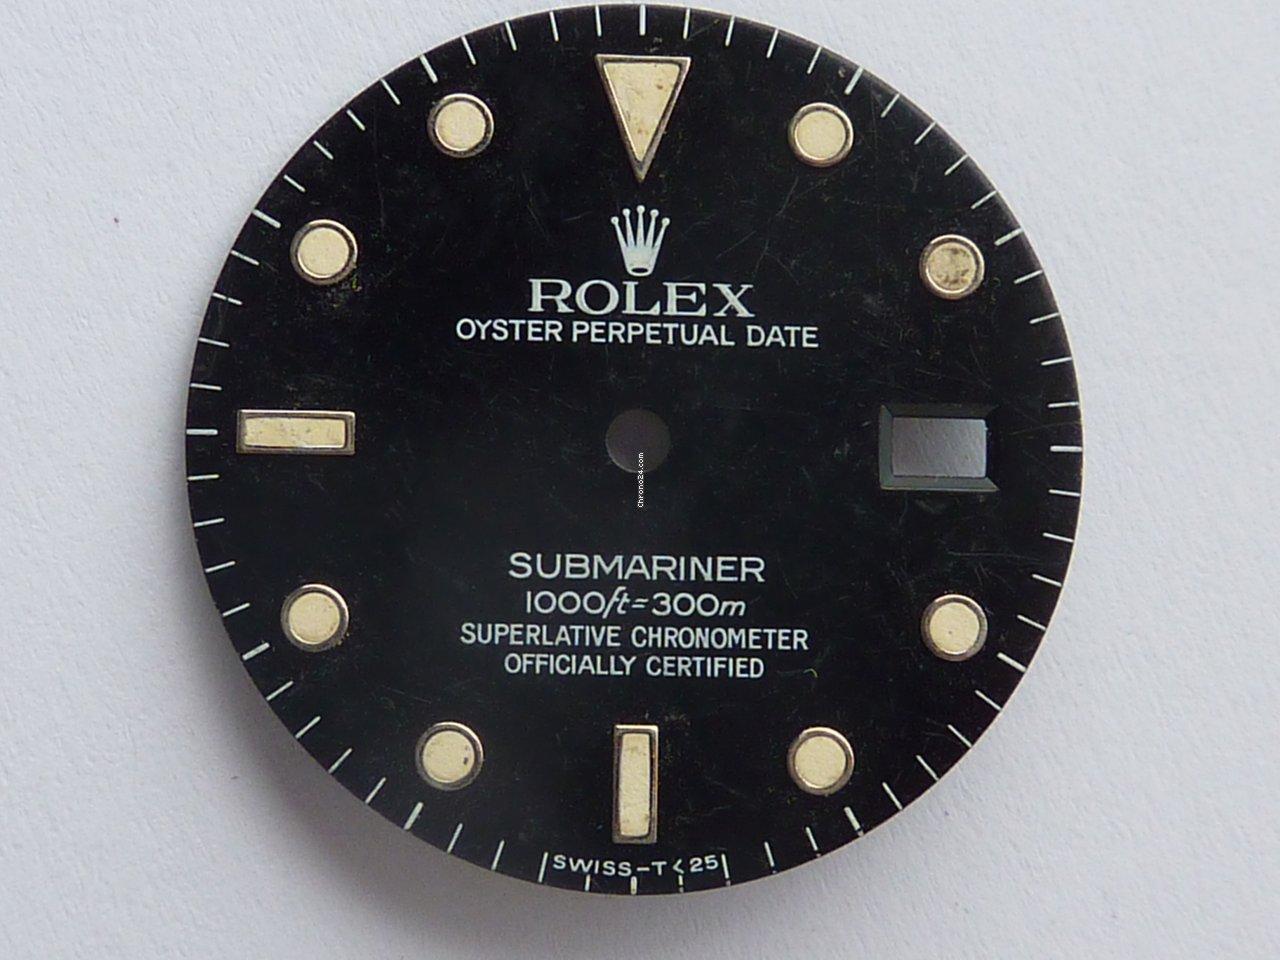 rolex swiss t 25 submariner dial zifferblatt vintage f r chf 695 kaufen von einem trusted seller. Black Bedroom Furniture Sets. Home Design Ideas